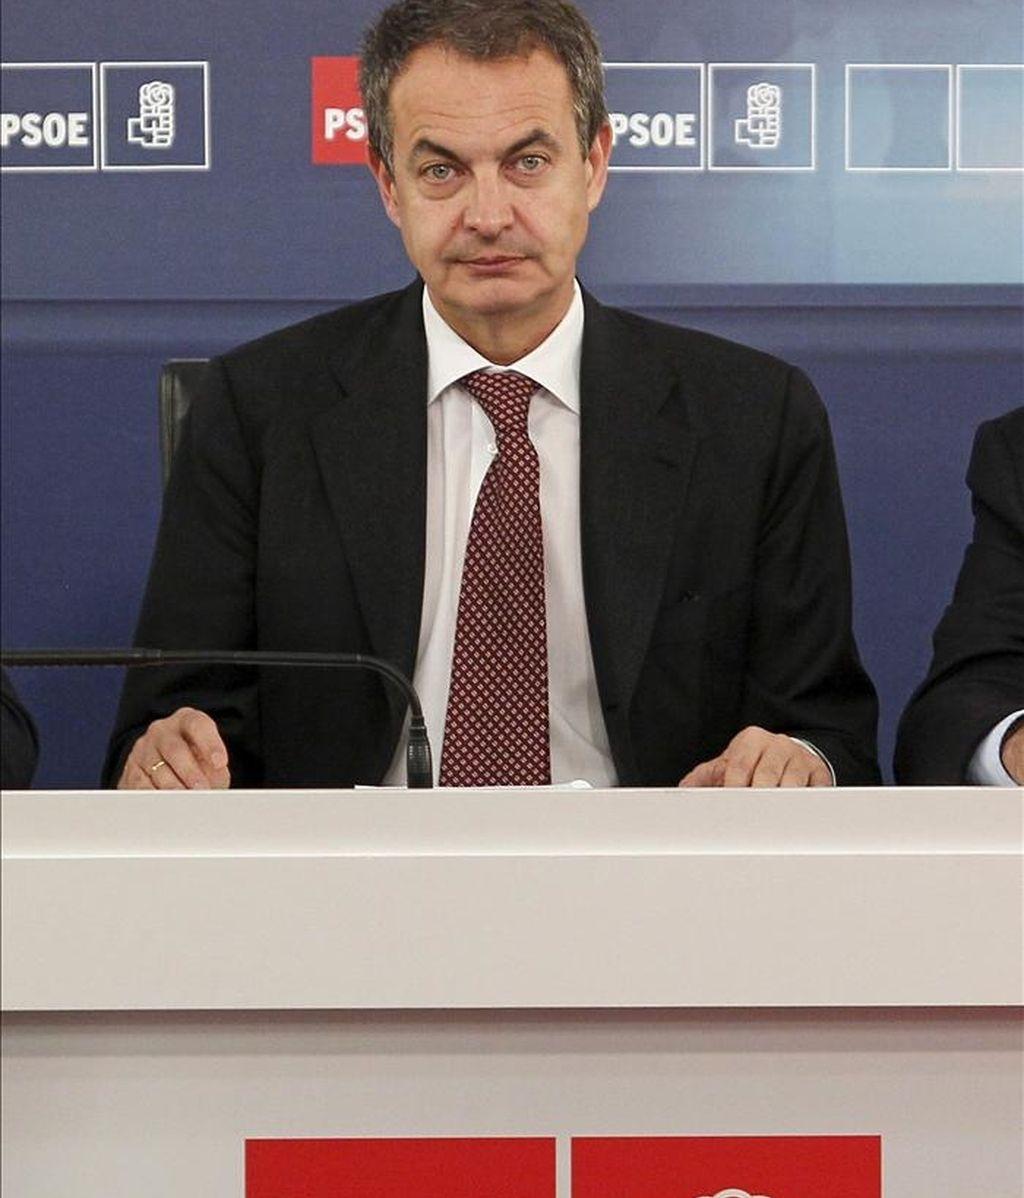 El presidente del Gobierno y secretario general del PSOE, José Luis Rodríguez Zapatero, al comienzo de la reunión de la Comisión Ejecutiva Federal de los socialistas. EFE